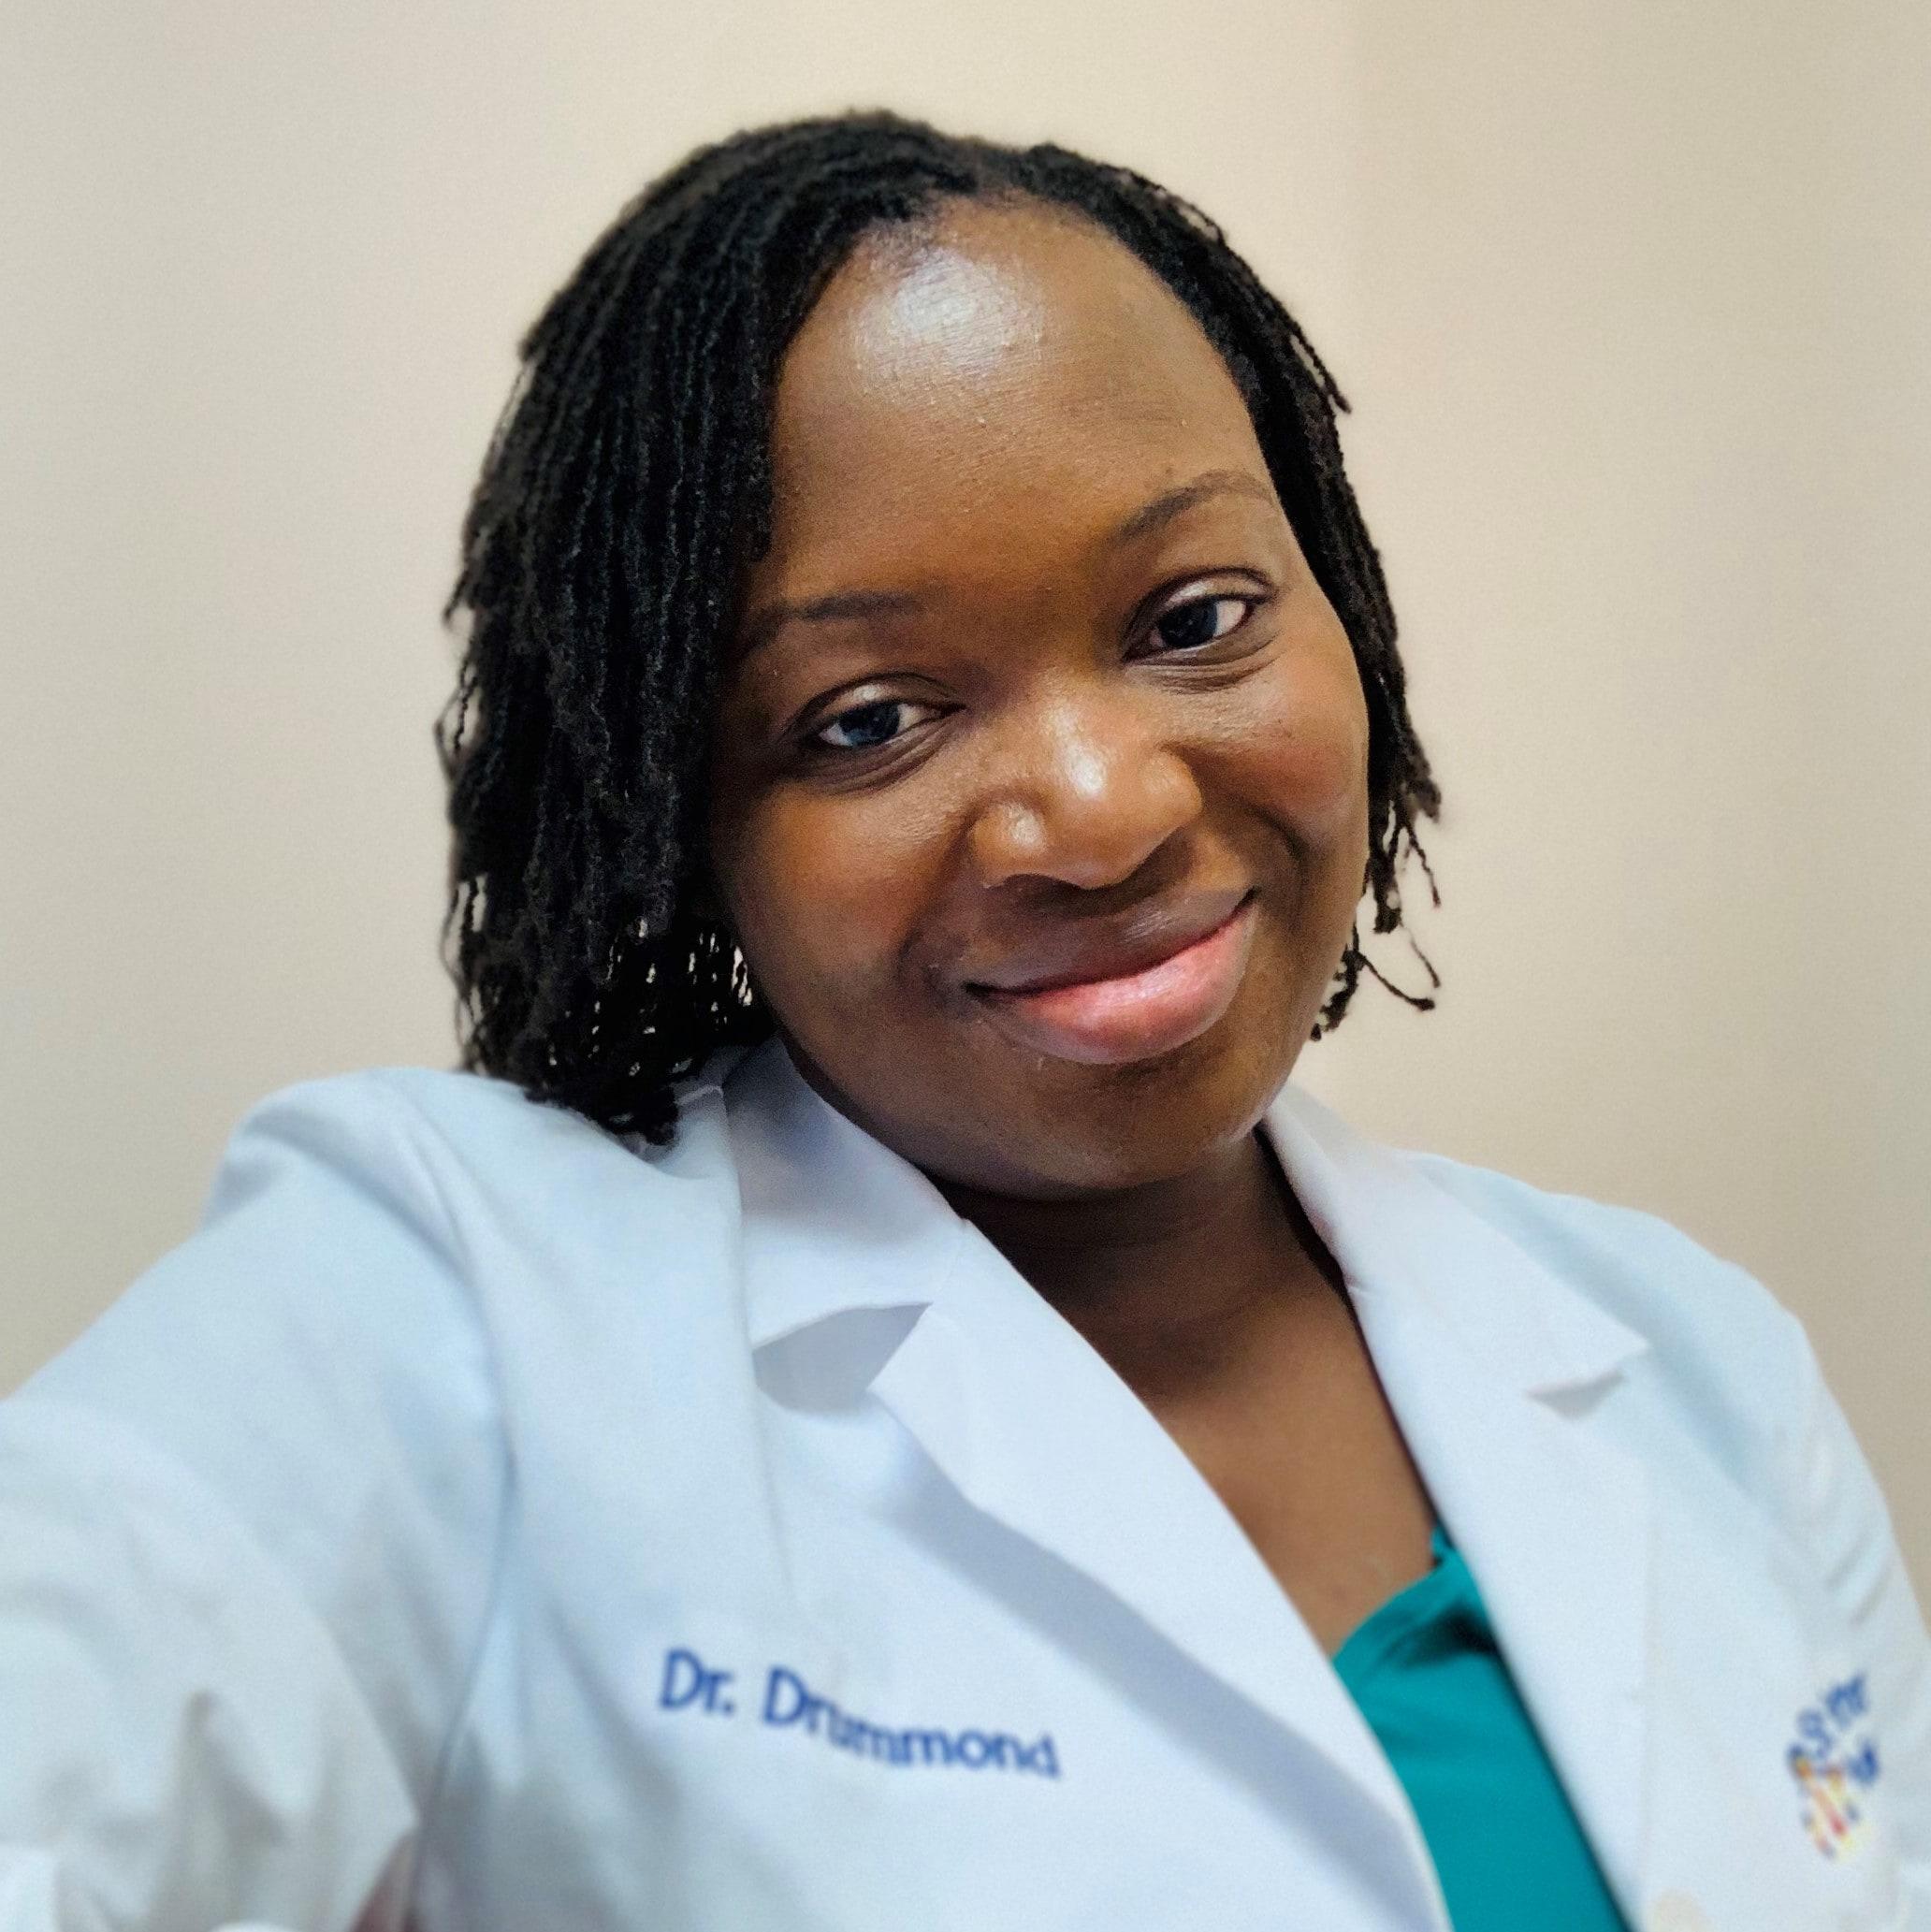 Dr. Alrick Drummond MD